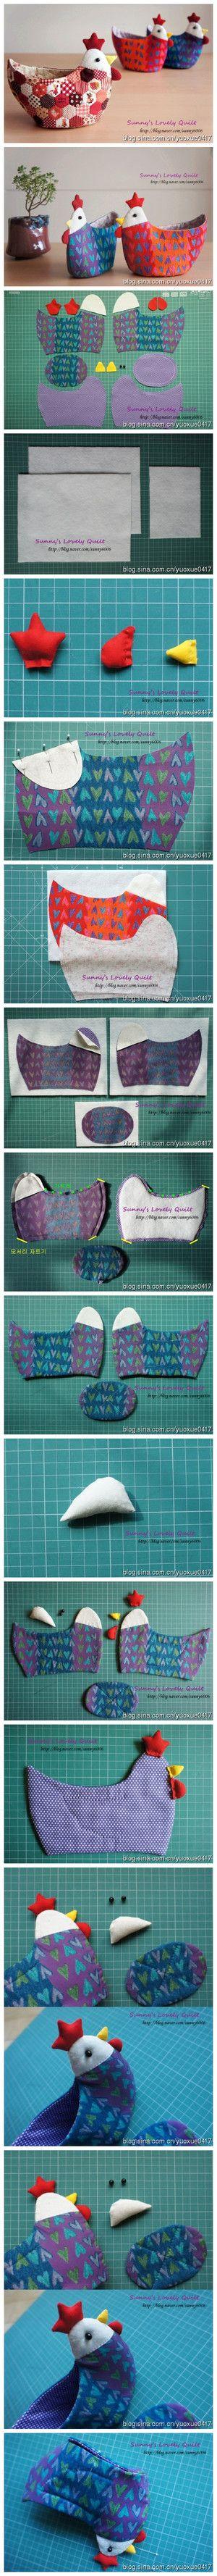 韩国网上看到的鸡收纳糖果盒教程/图纸 - 堆糖 发现生活_收集美好_分享图片